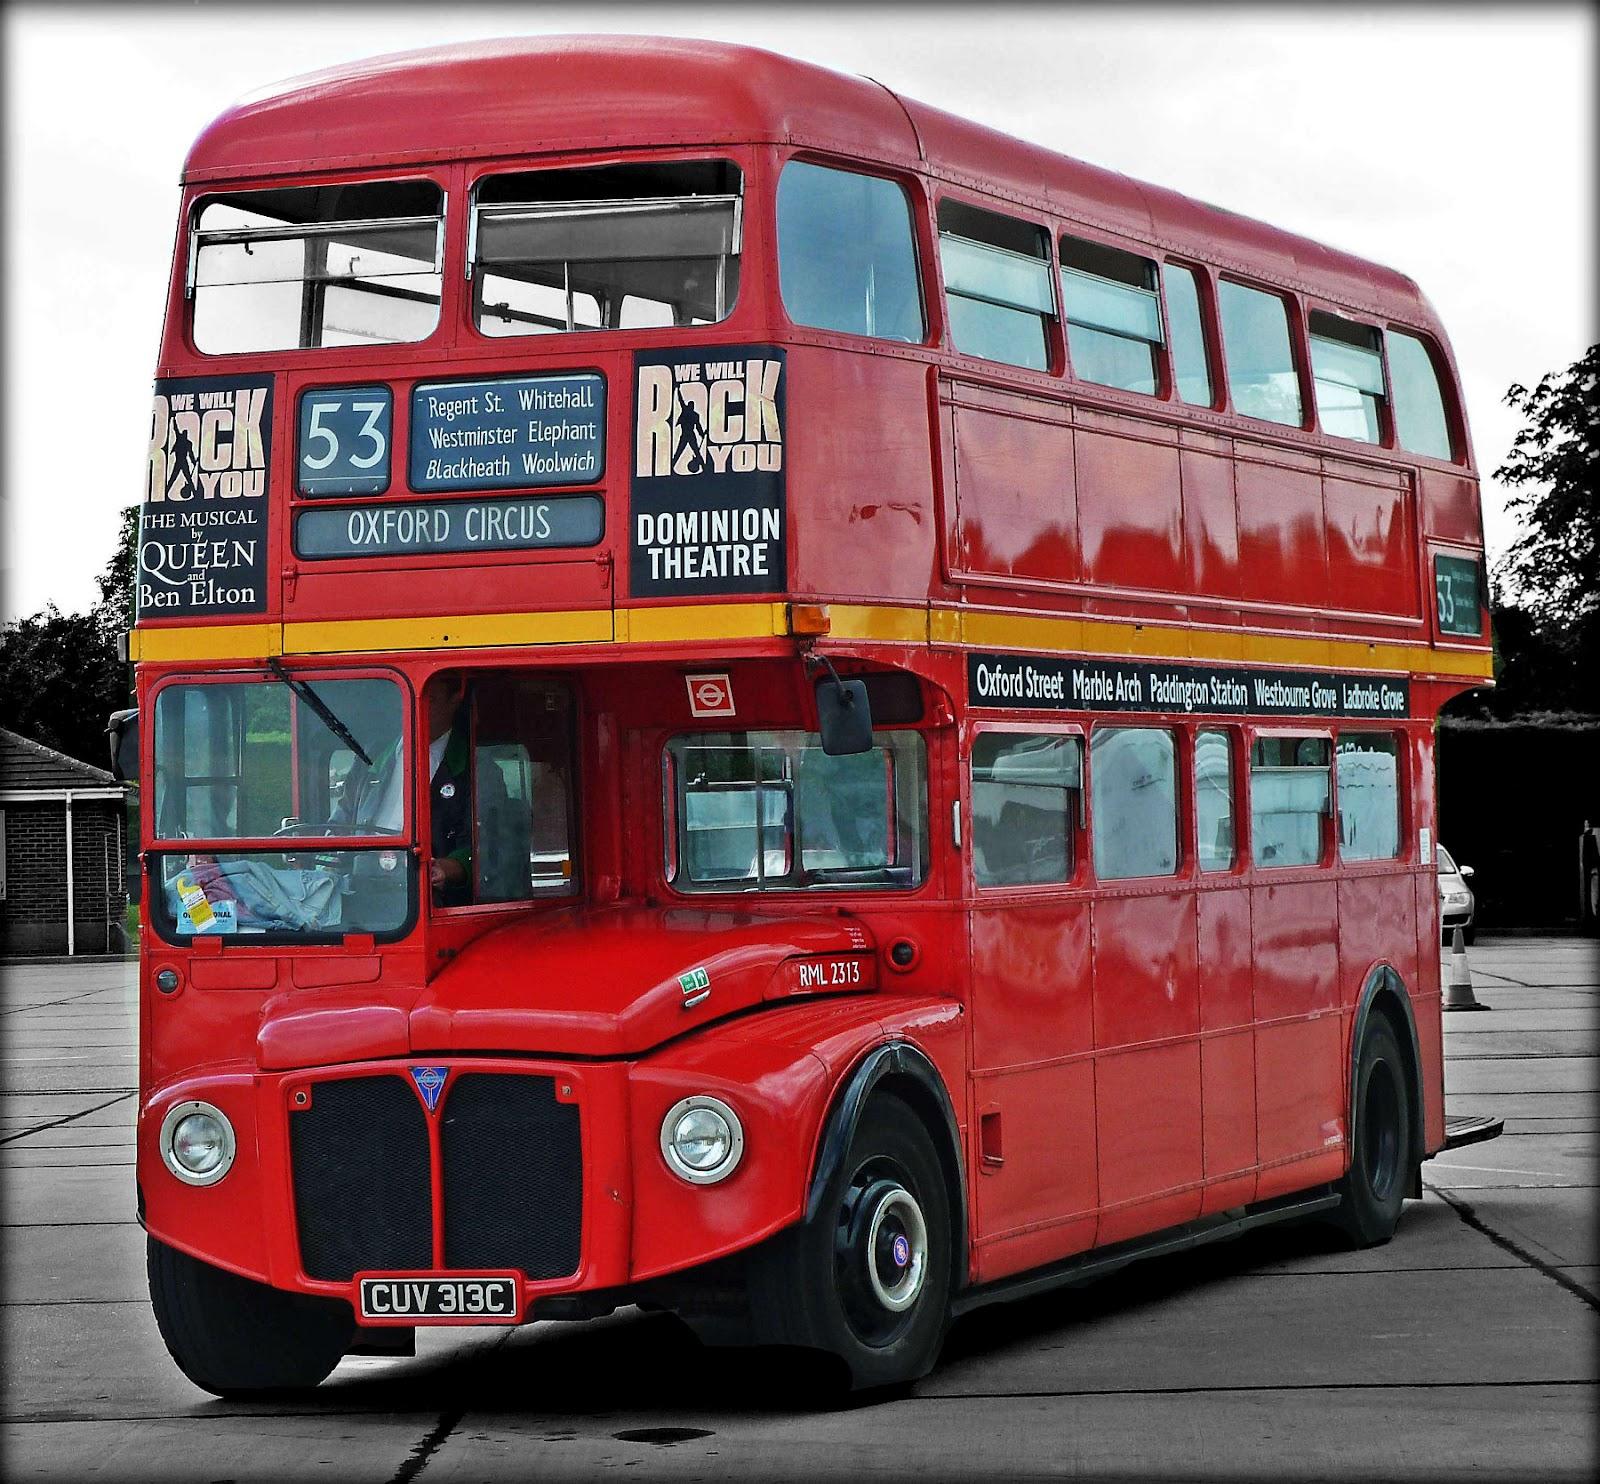 [47+] London Bus Wallpaper on WallpaperSafari